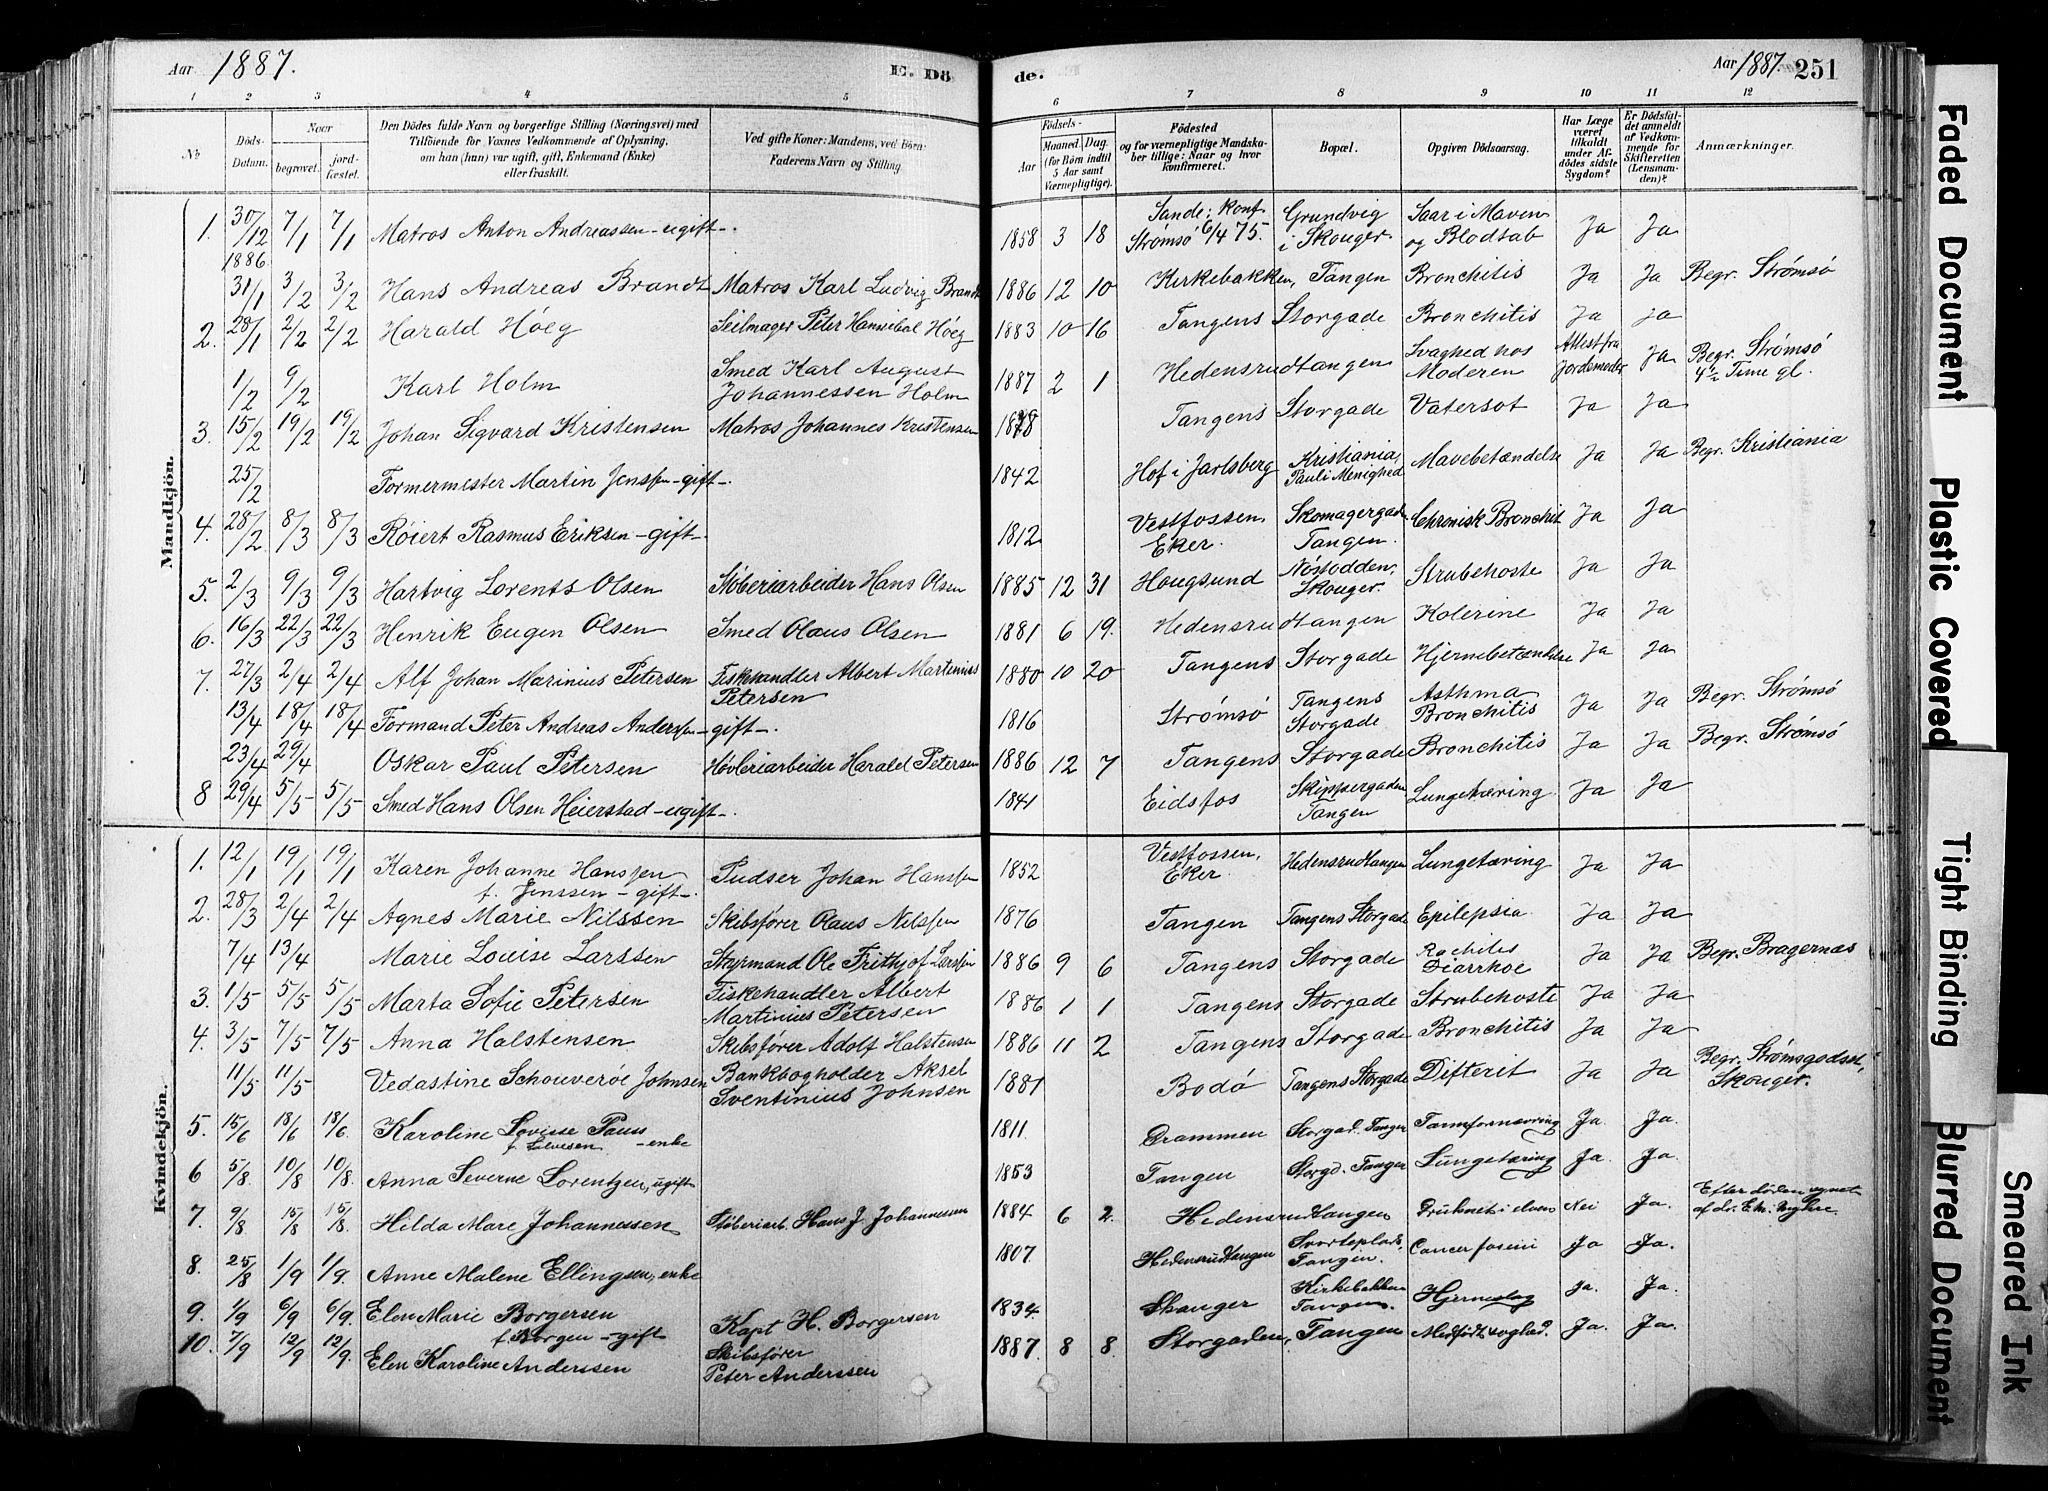 SAKO, Strømsø kirkebøker, F/Fb/L0006: Ministerialbok nr. II 6, 1879-1910, s. 251